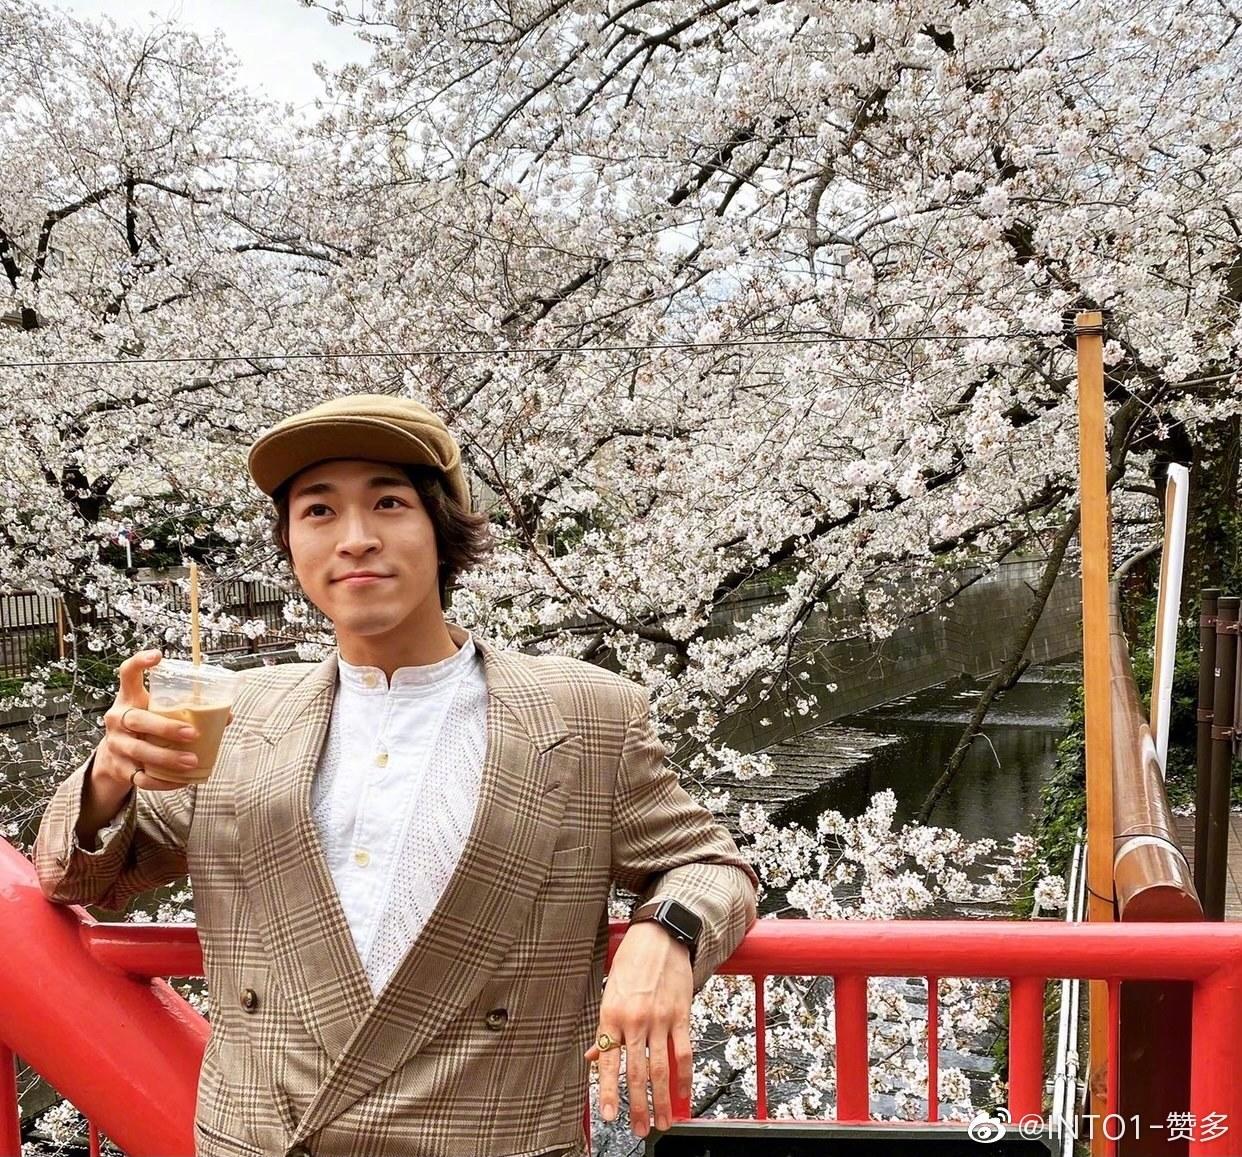 赞多晒出一年前的樱花树下游客照……